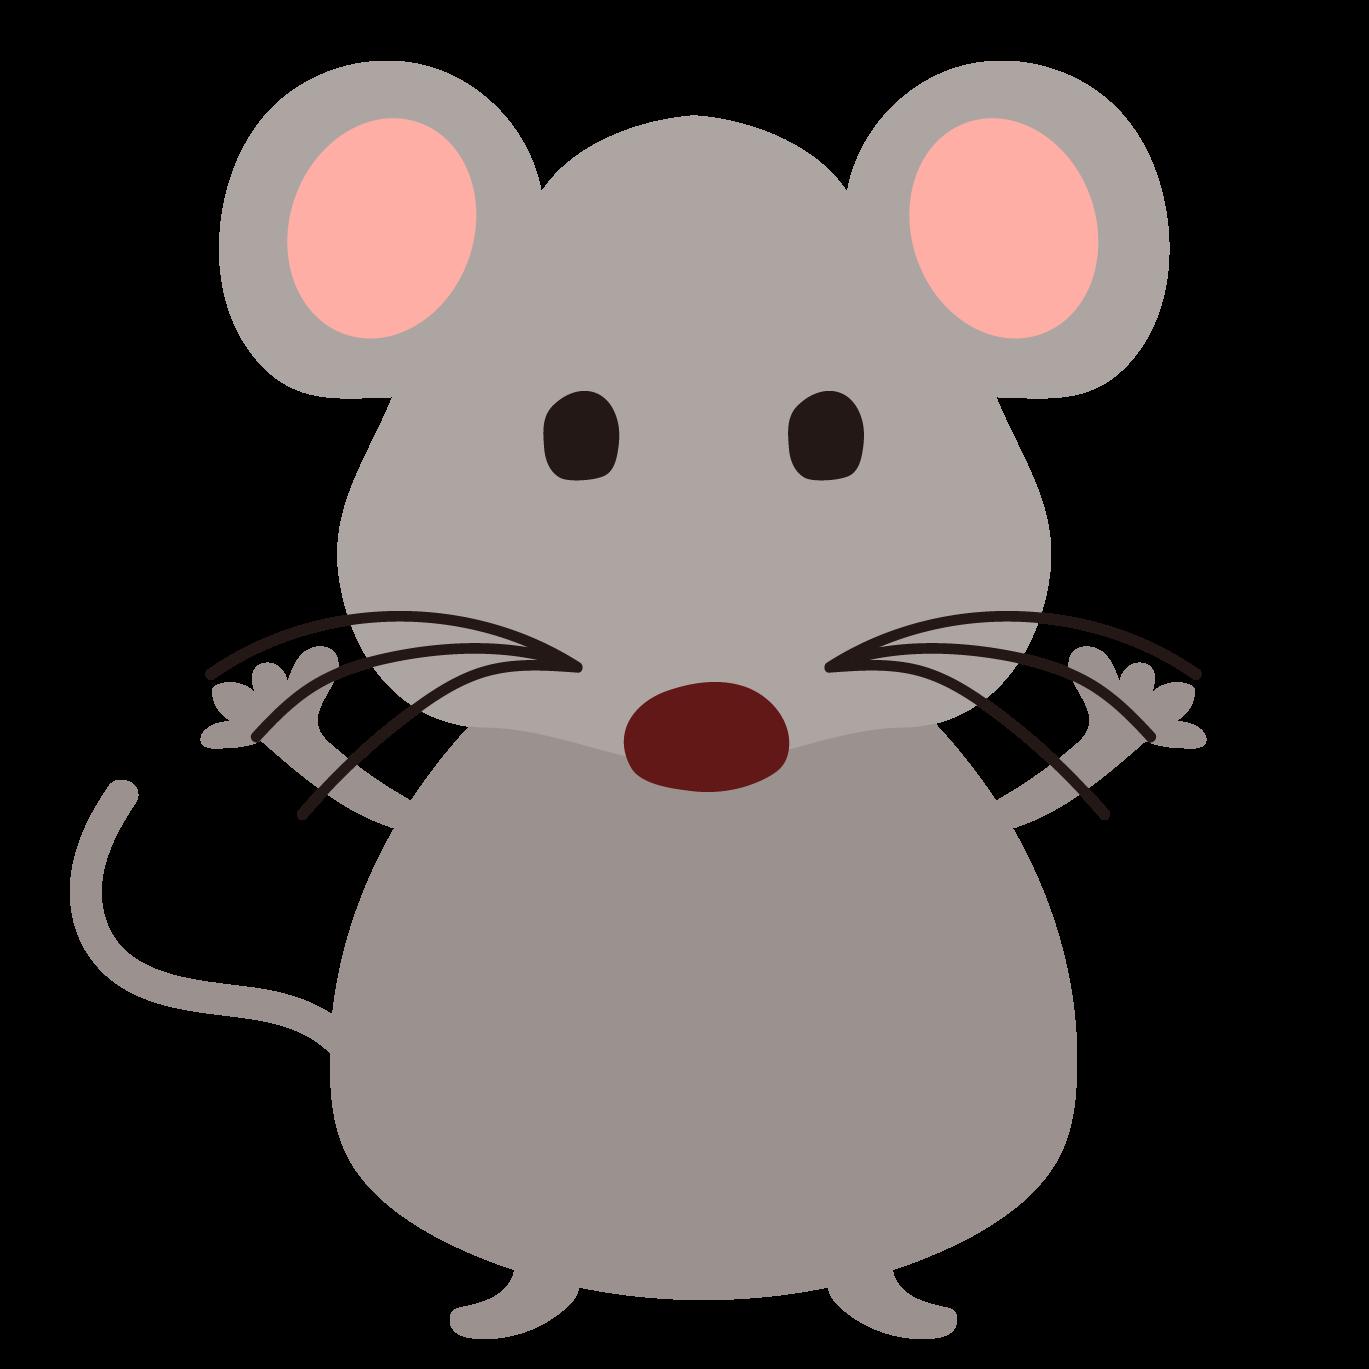 ネズミねずみ鼠の全身の 無料フリーイラスト 商用フリー